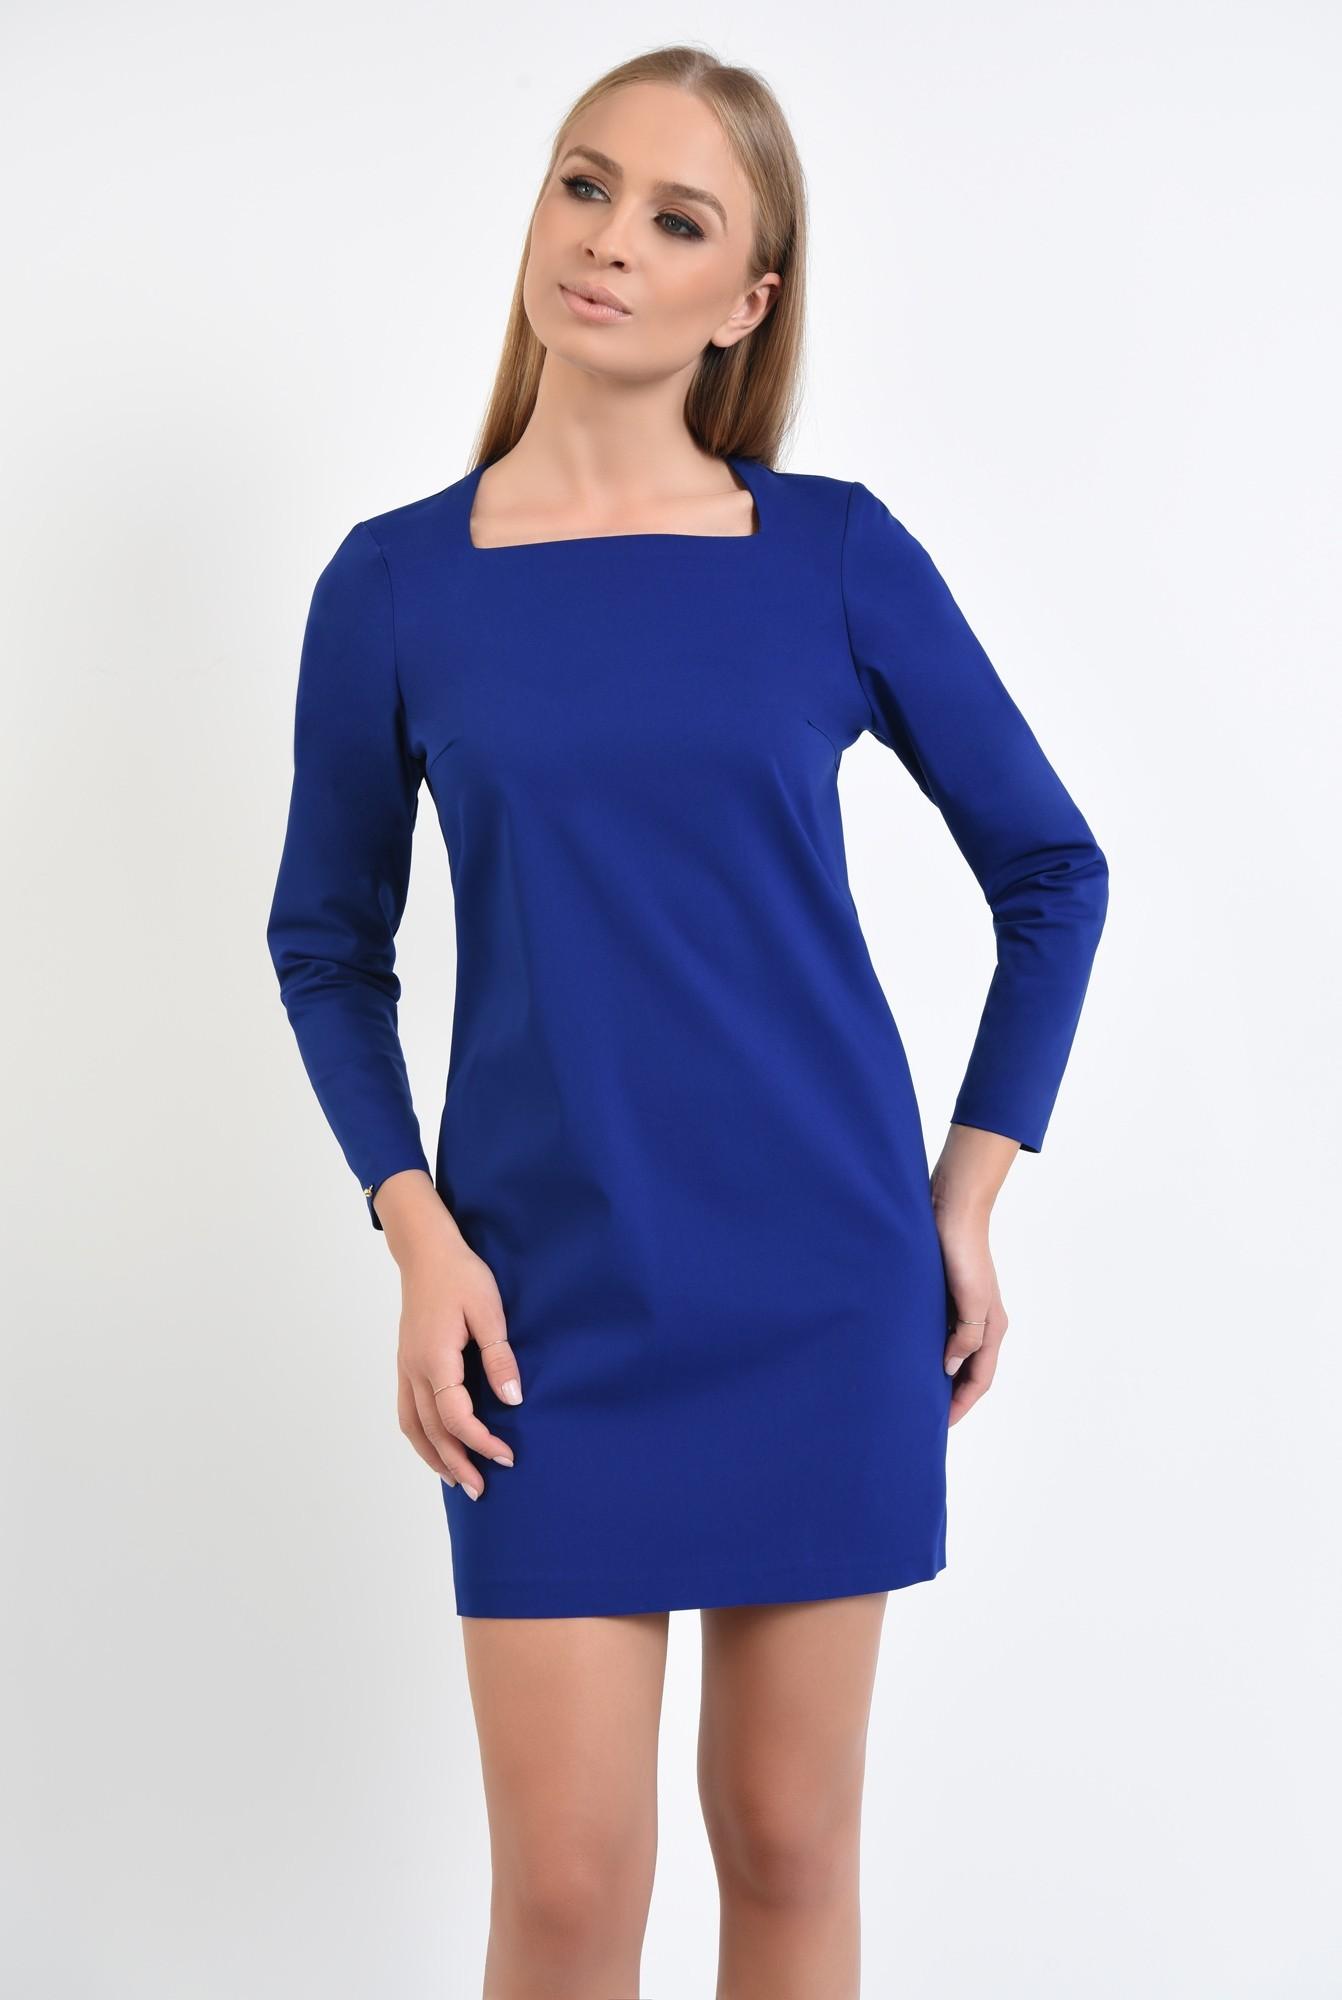 2 - rochie mini, albastru, maneci lungi, decolteu asimetric